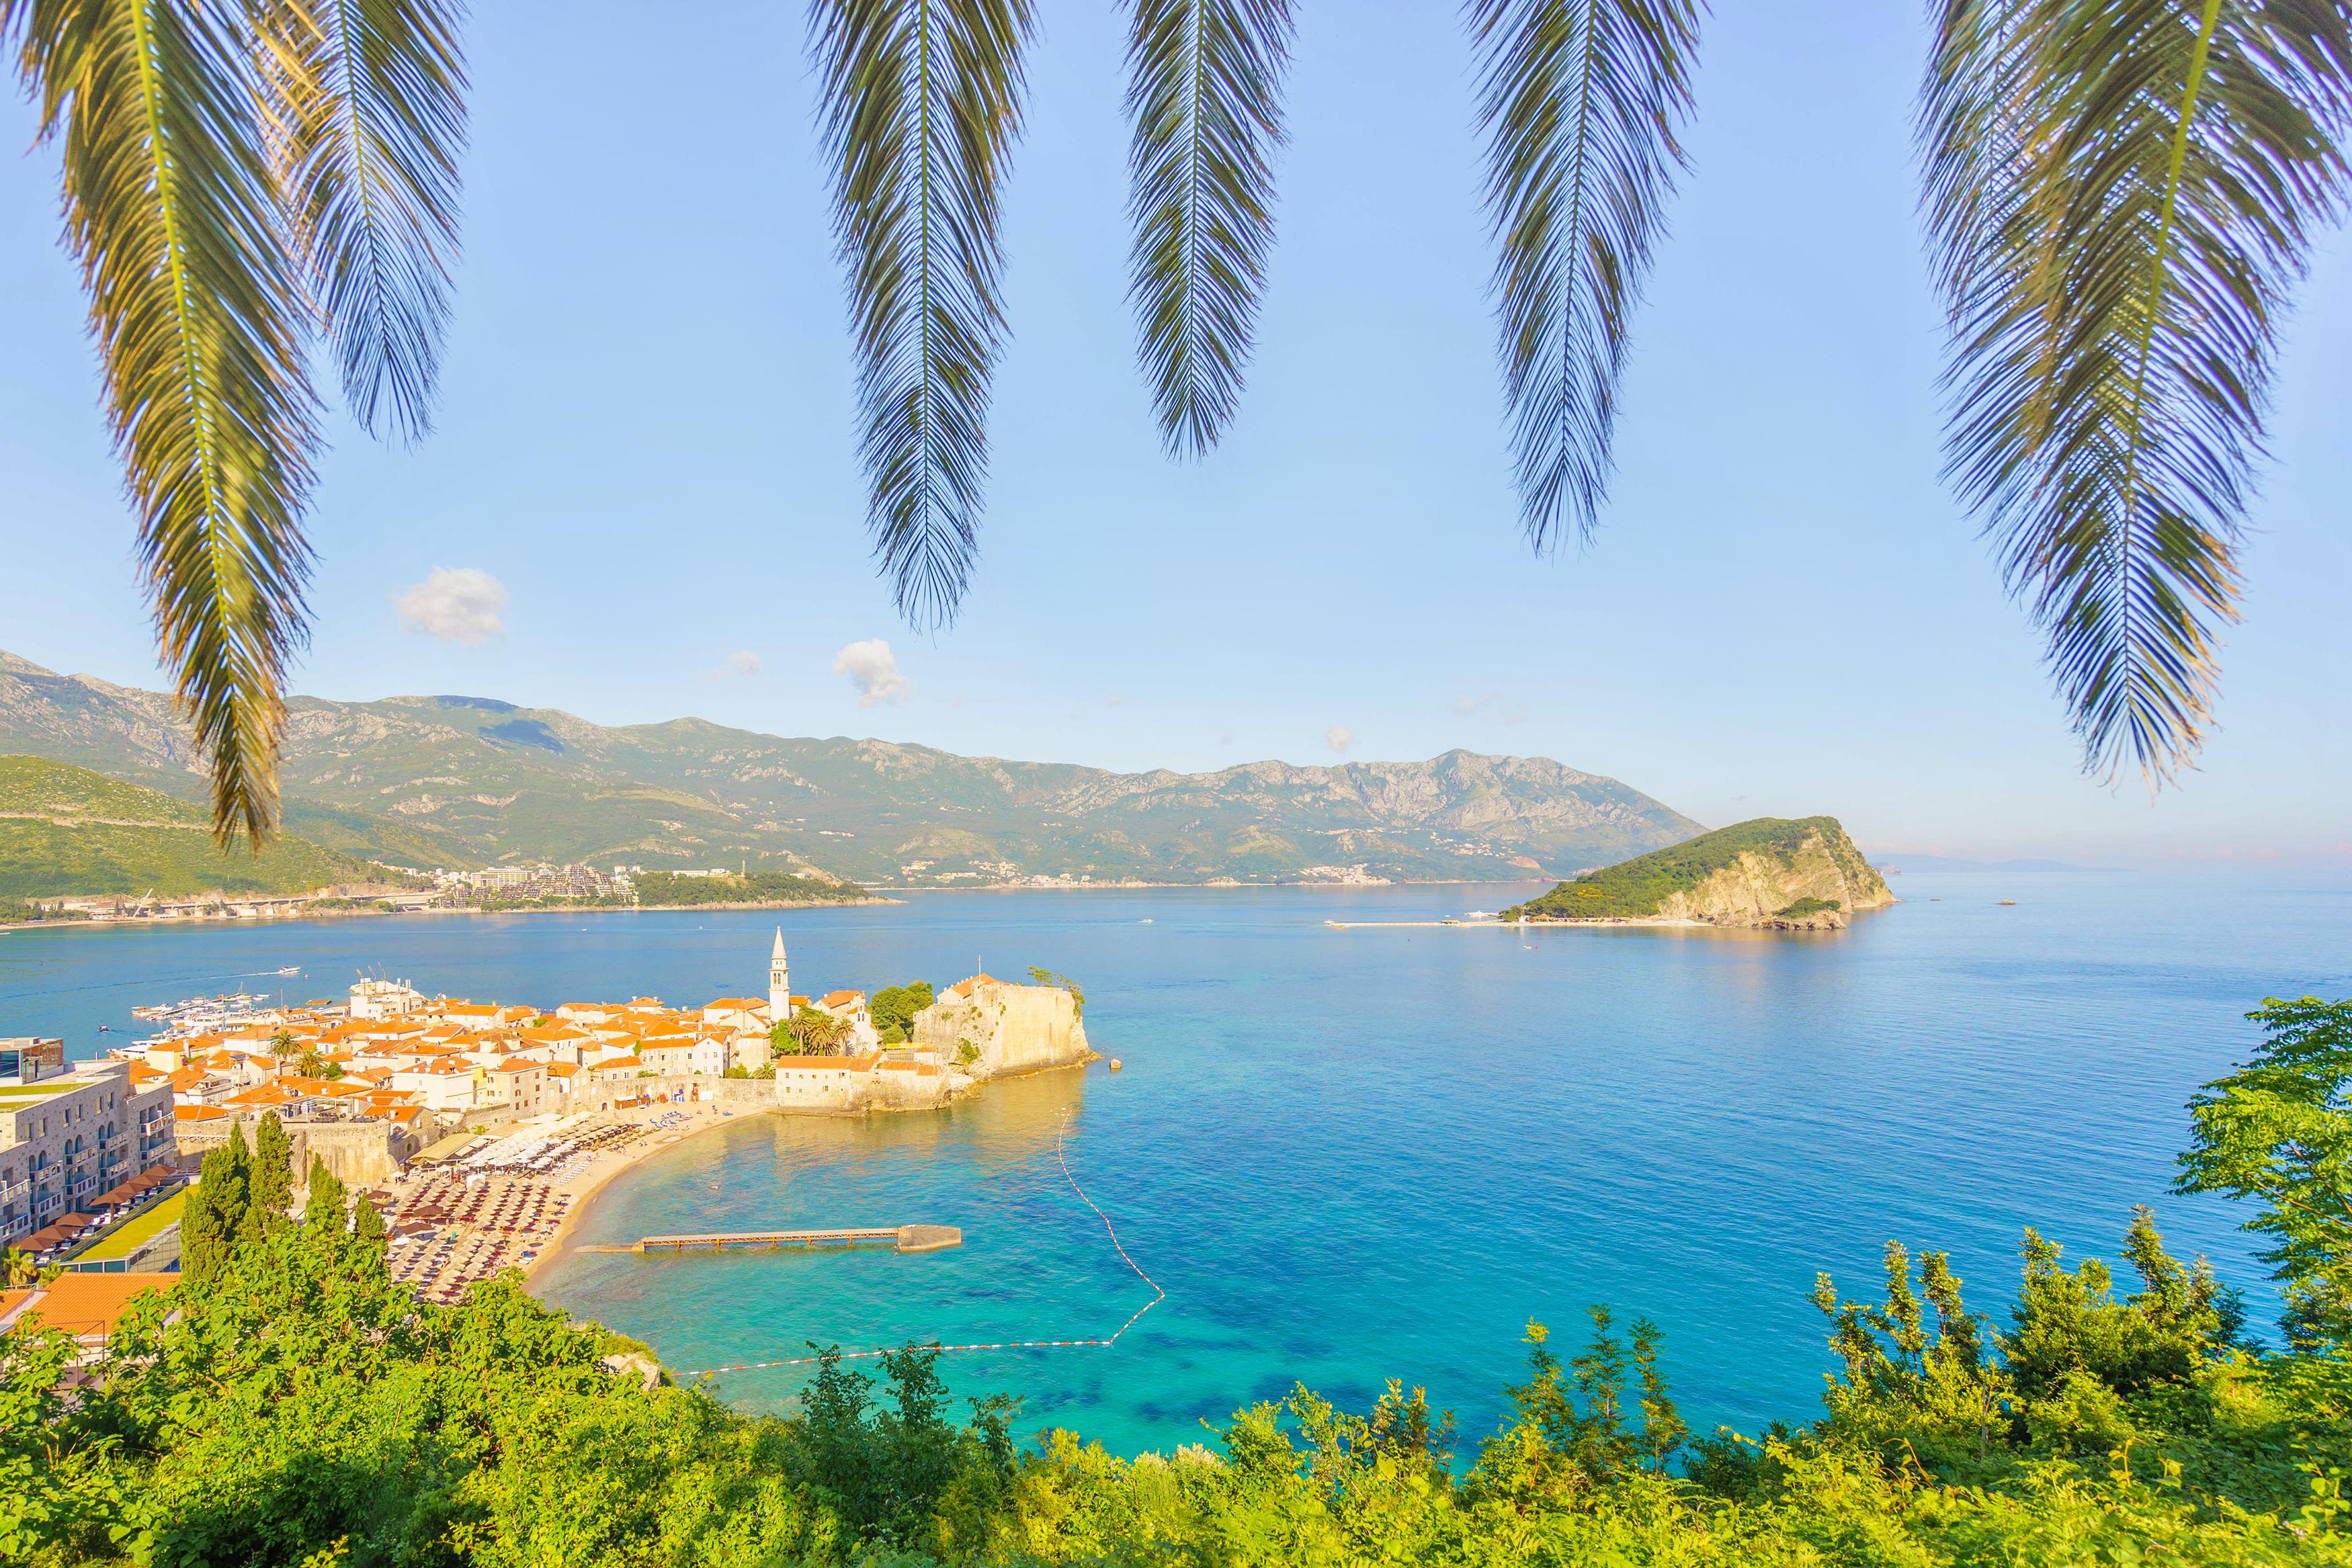 Ранни записвания за Великденски празници на Будванската ривиера и в Дубровник! 3 нощувки в хотел 3*, транспорт и екскурзовод! - Снимка 2